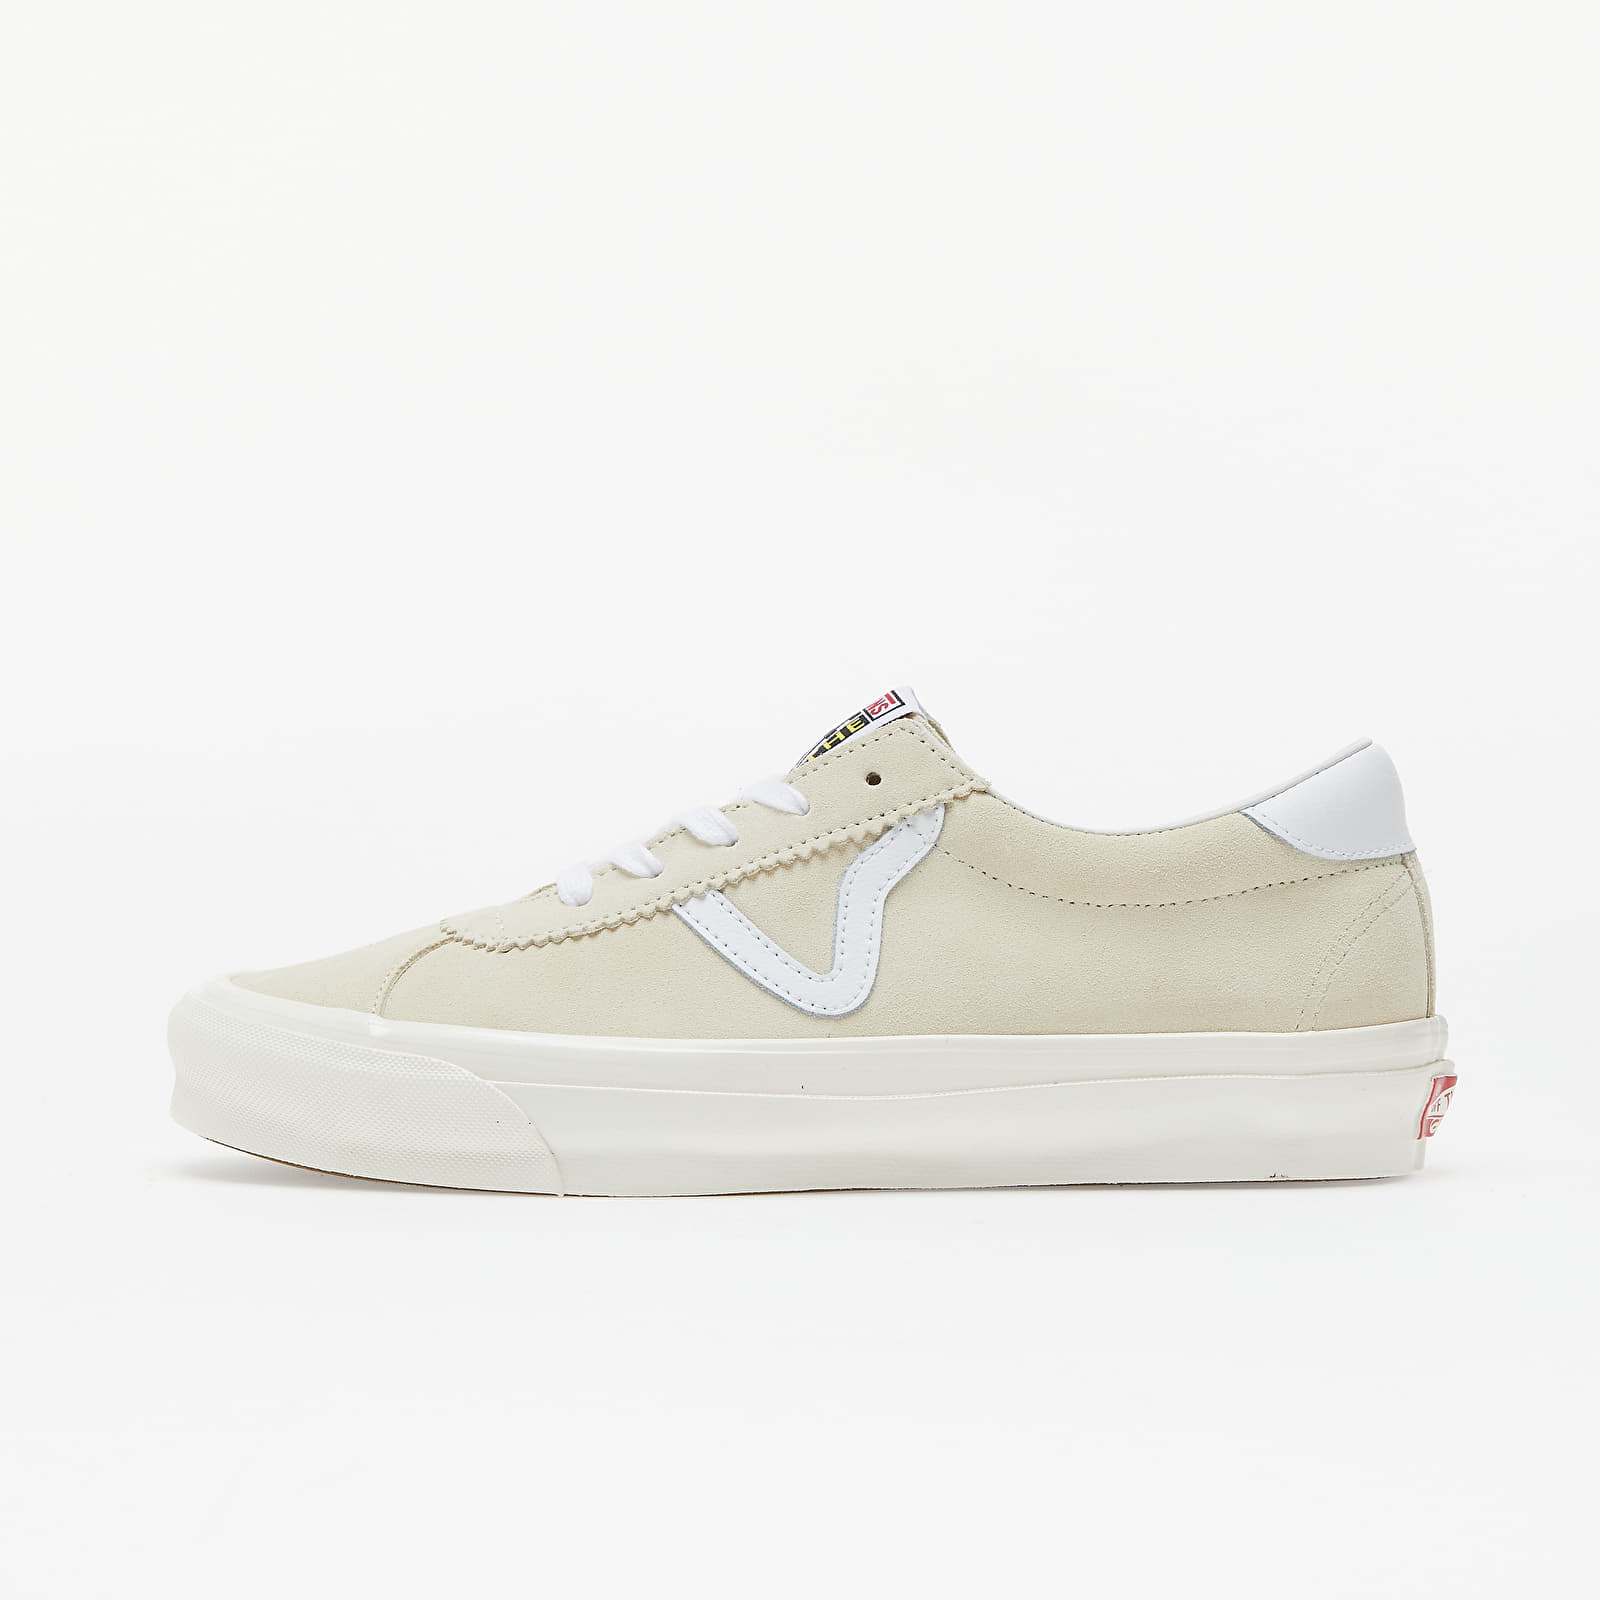 Herren Sneaker und Schuhe Vans OG Epoch LX (Suede) Classic White